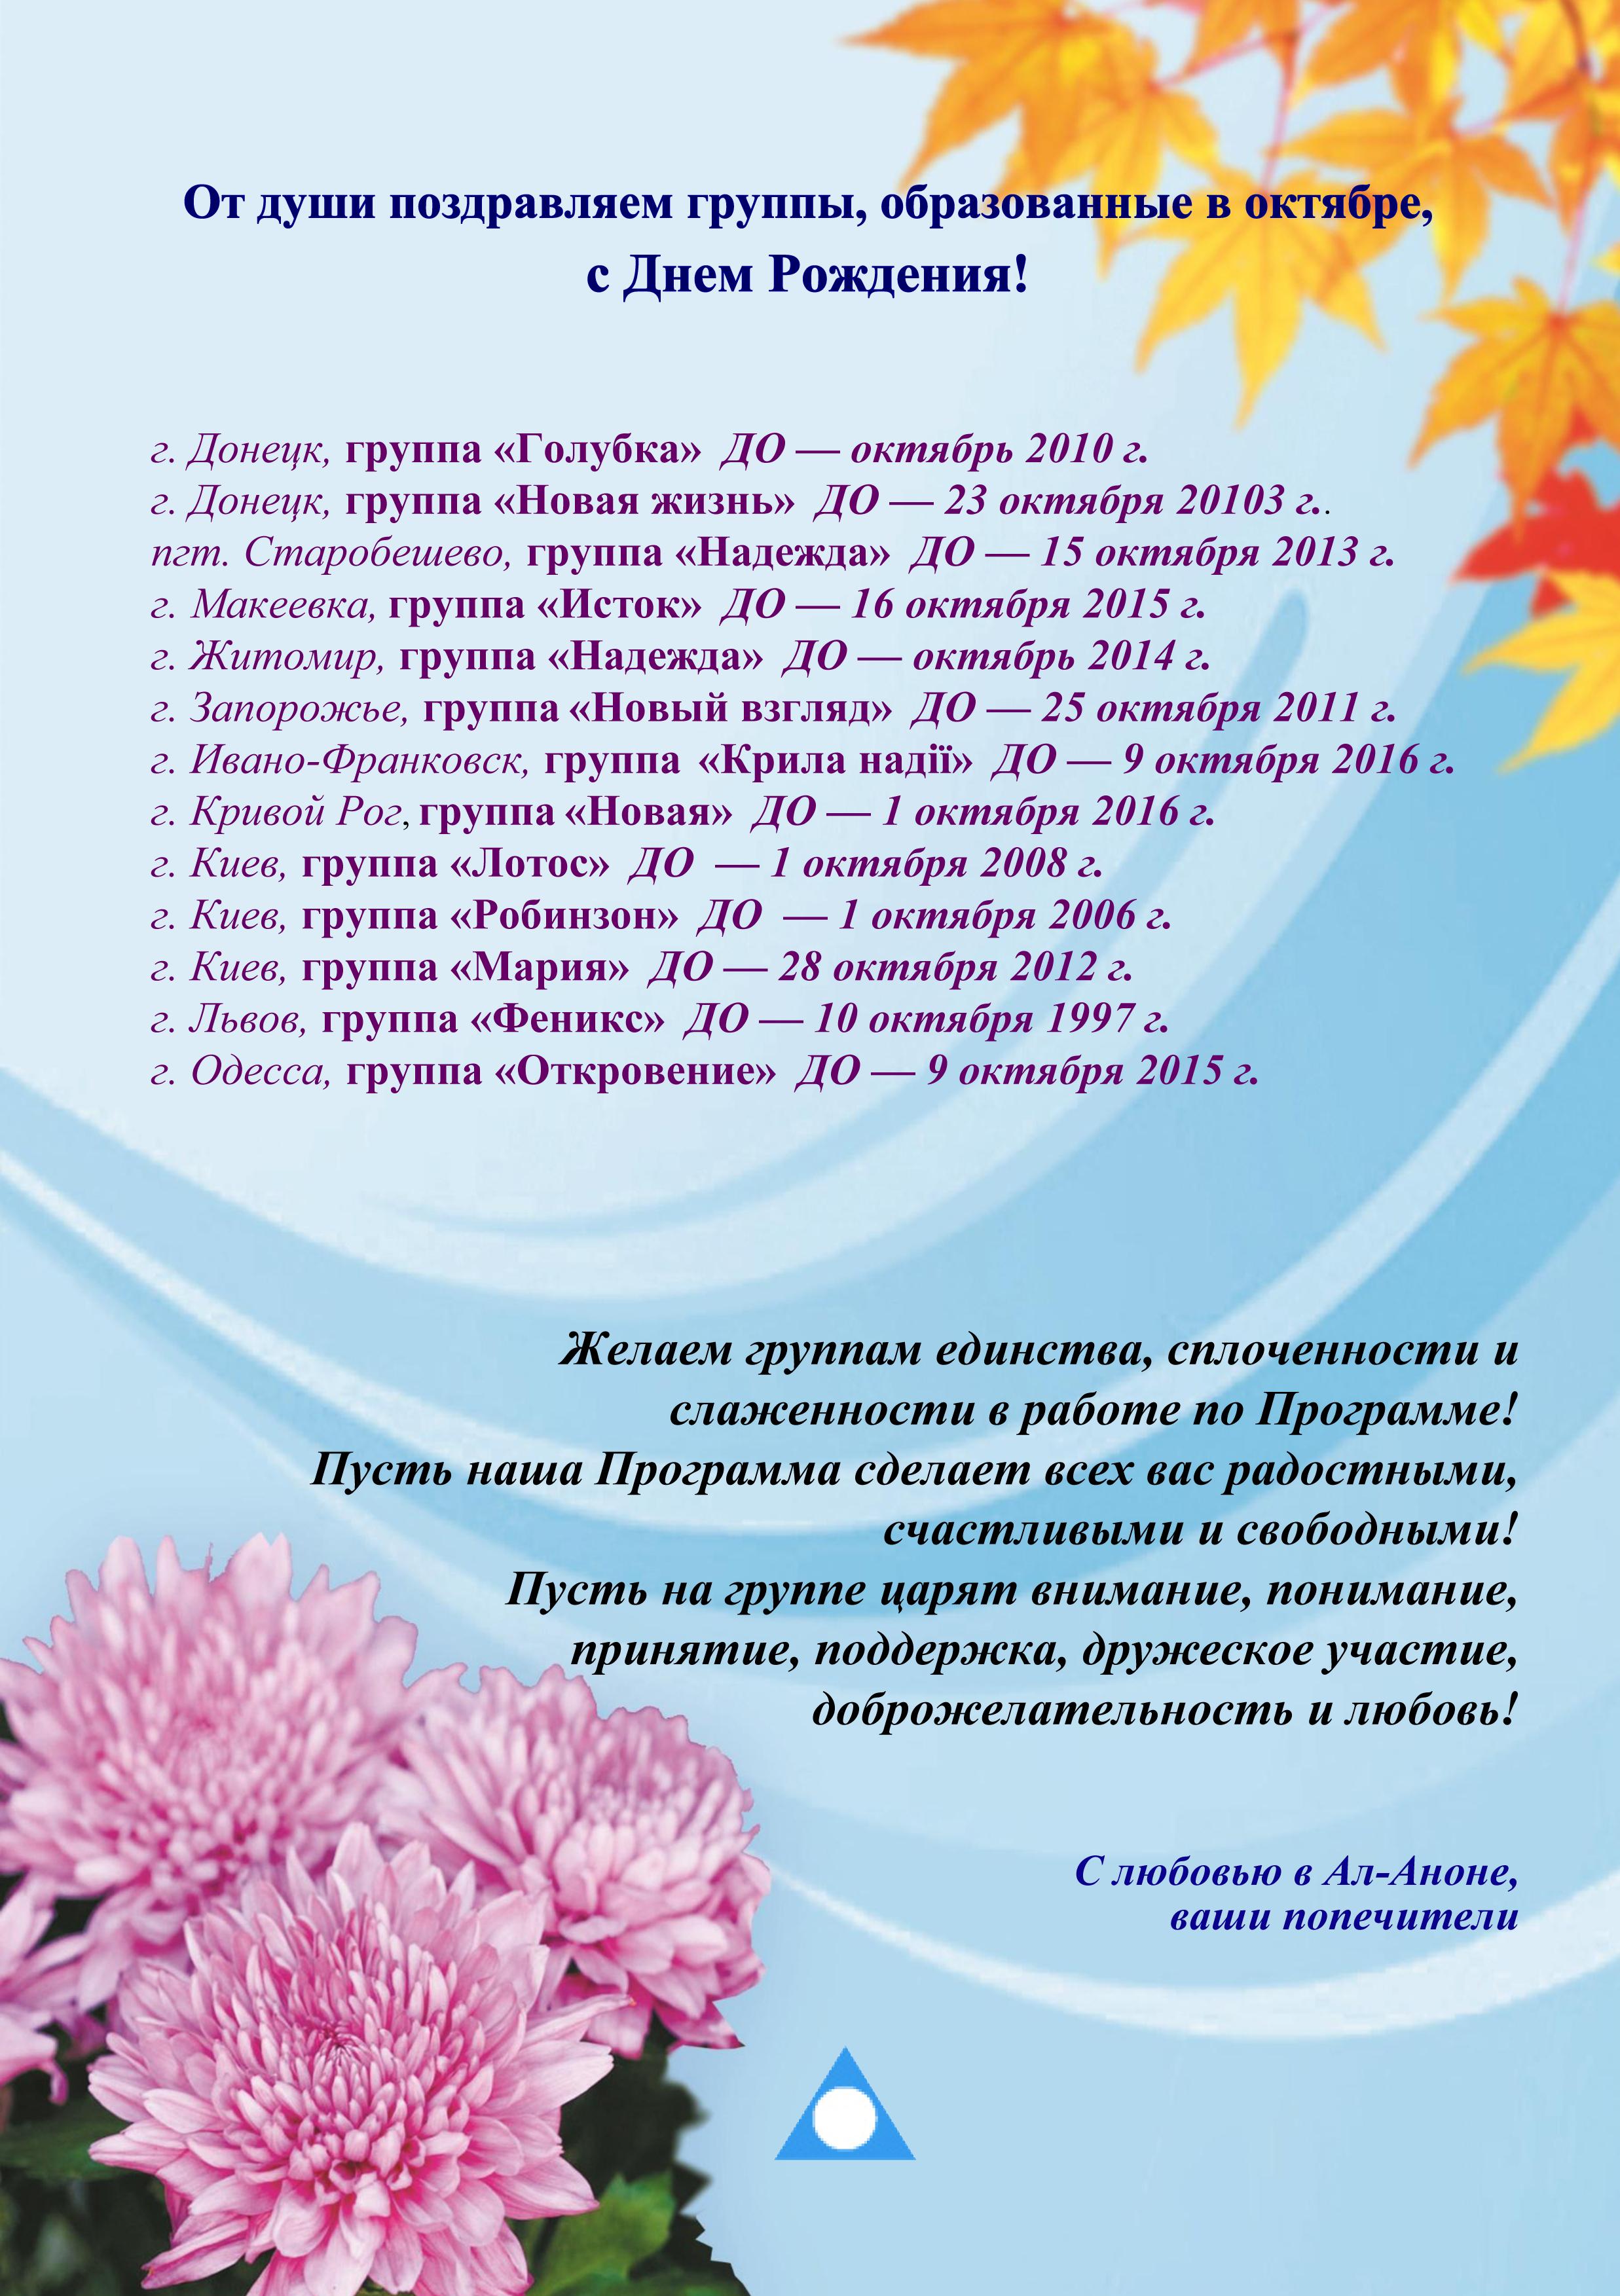 Поздравление_октябрь2017